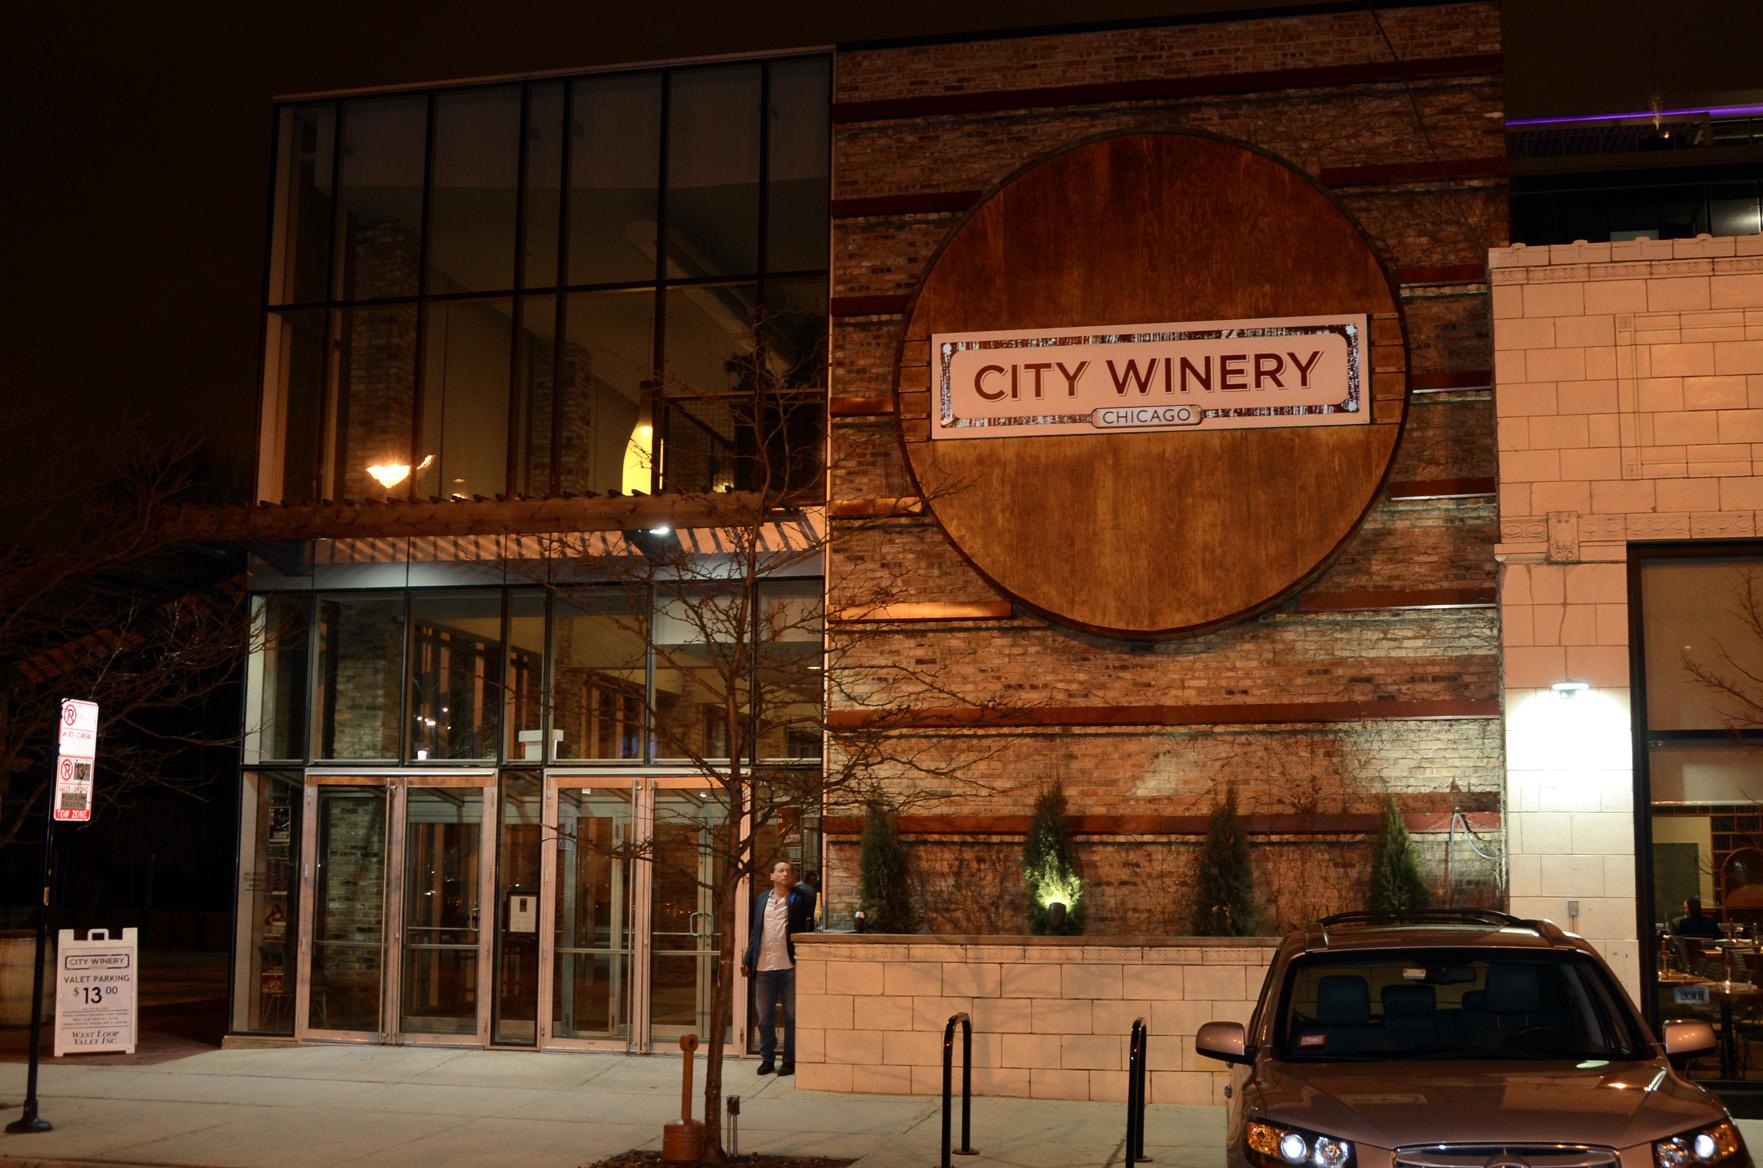 000.-Make-A-Wish-at-City-Winery-JPG.jpg